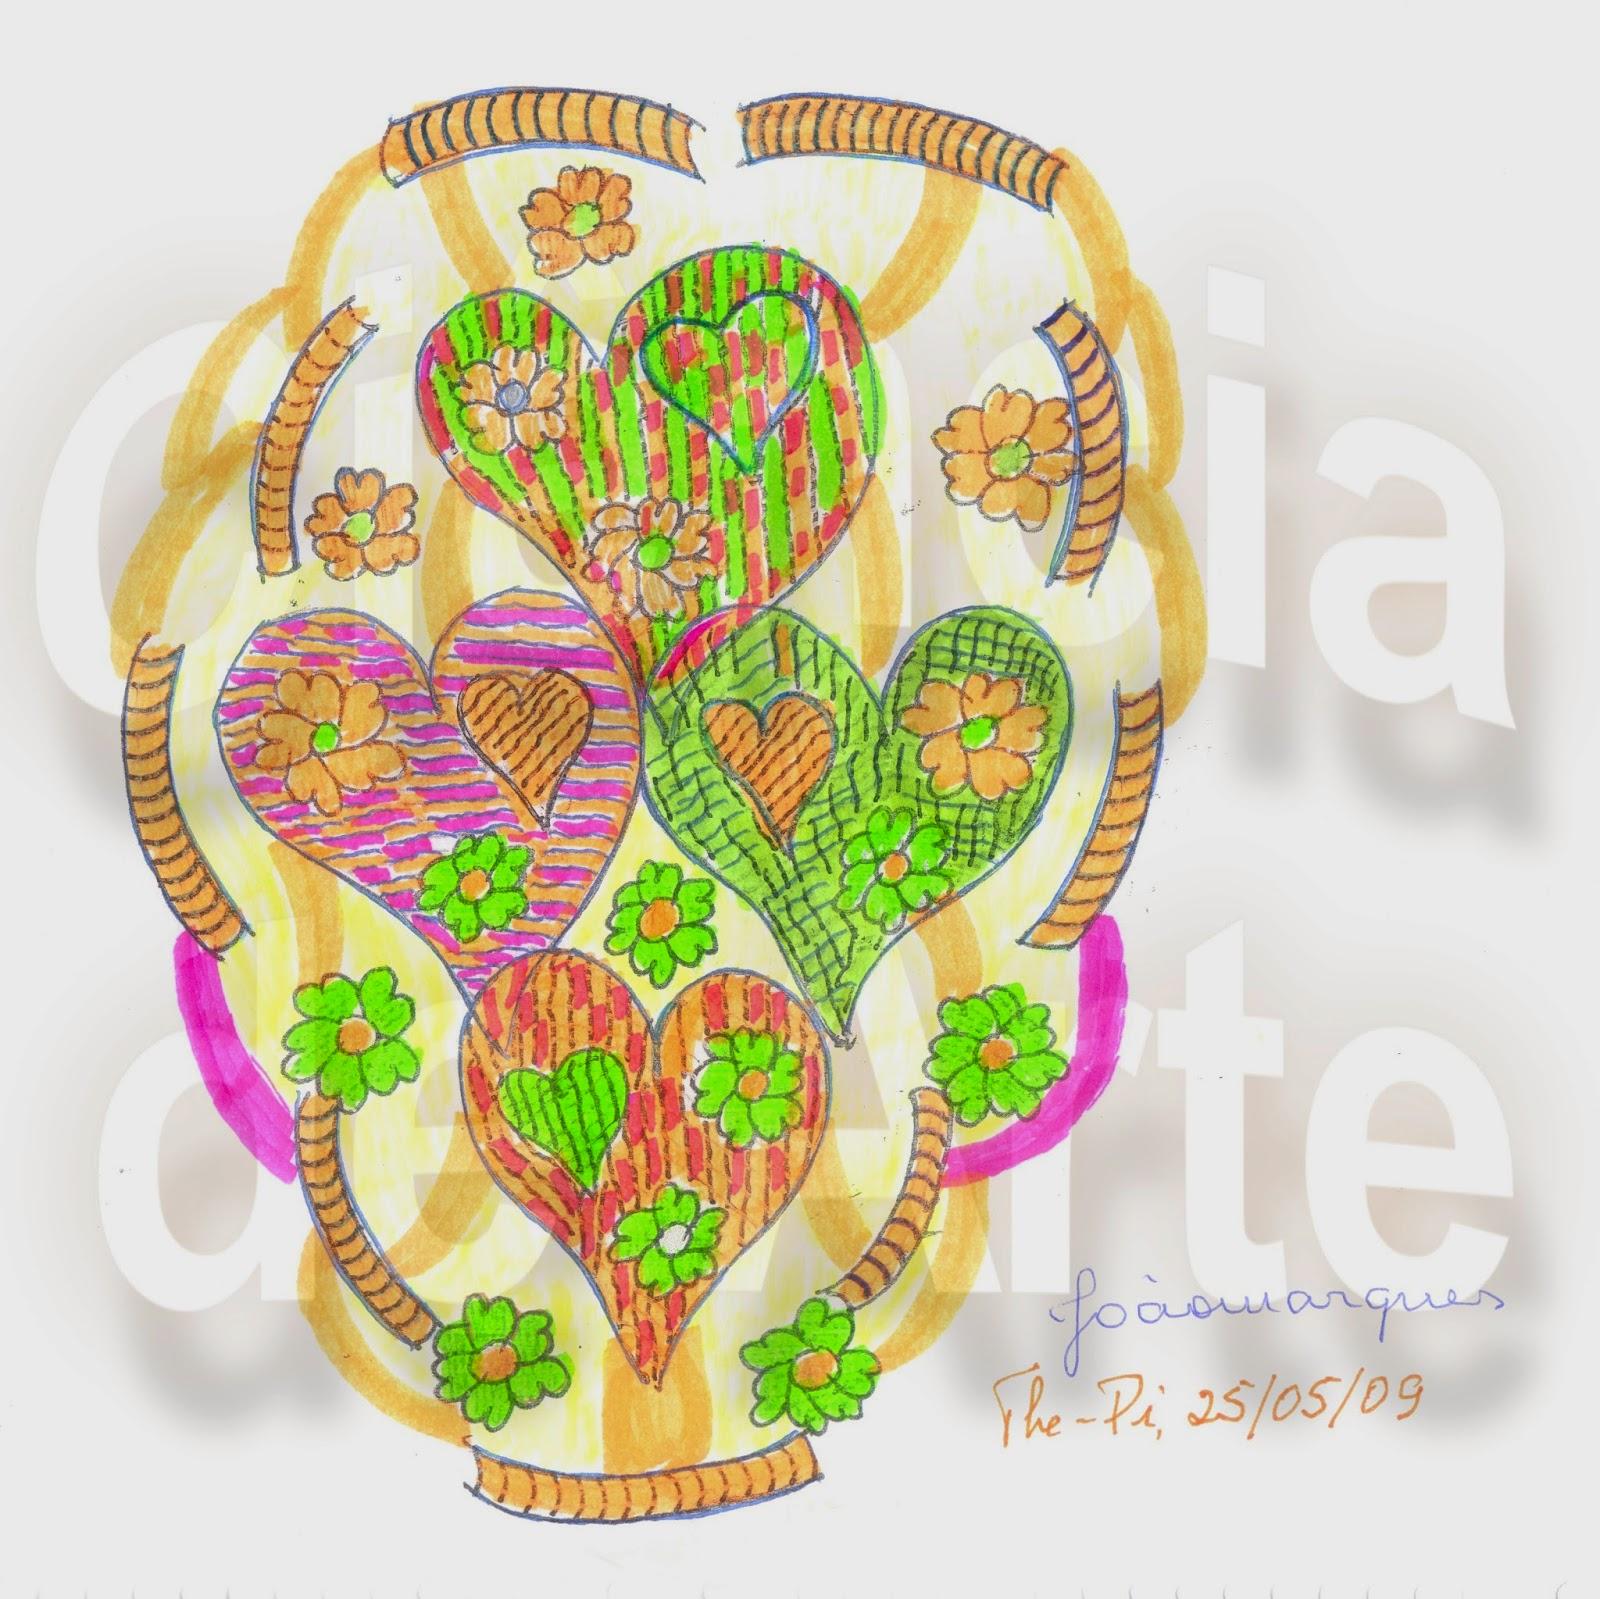 desenho de coração - coração e veias